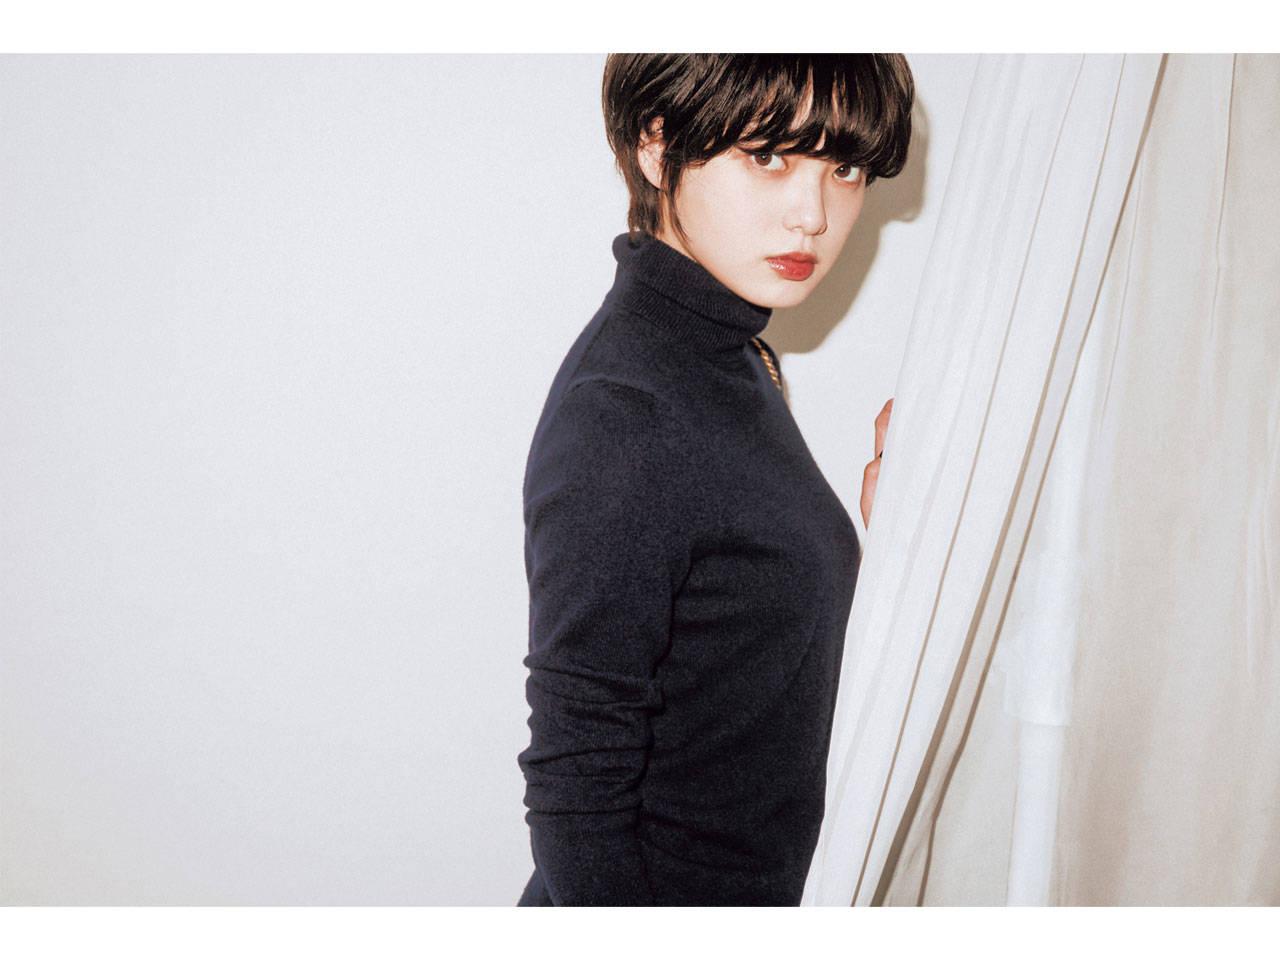 【平手友梨奈 meets COACH】コーチの最新コレクションを纏う秋  [with]